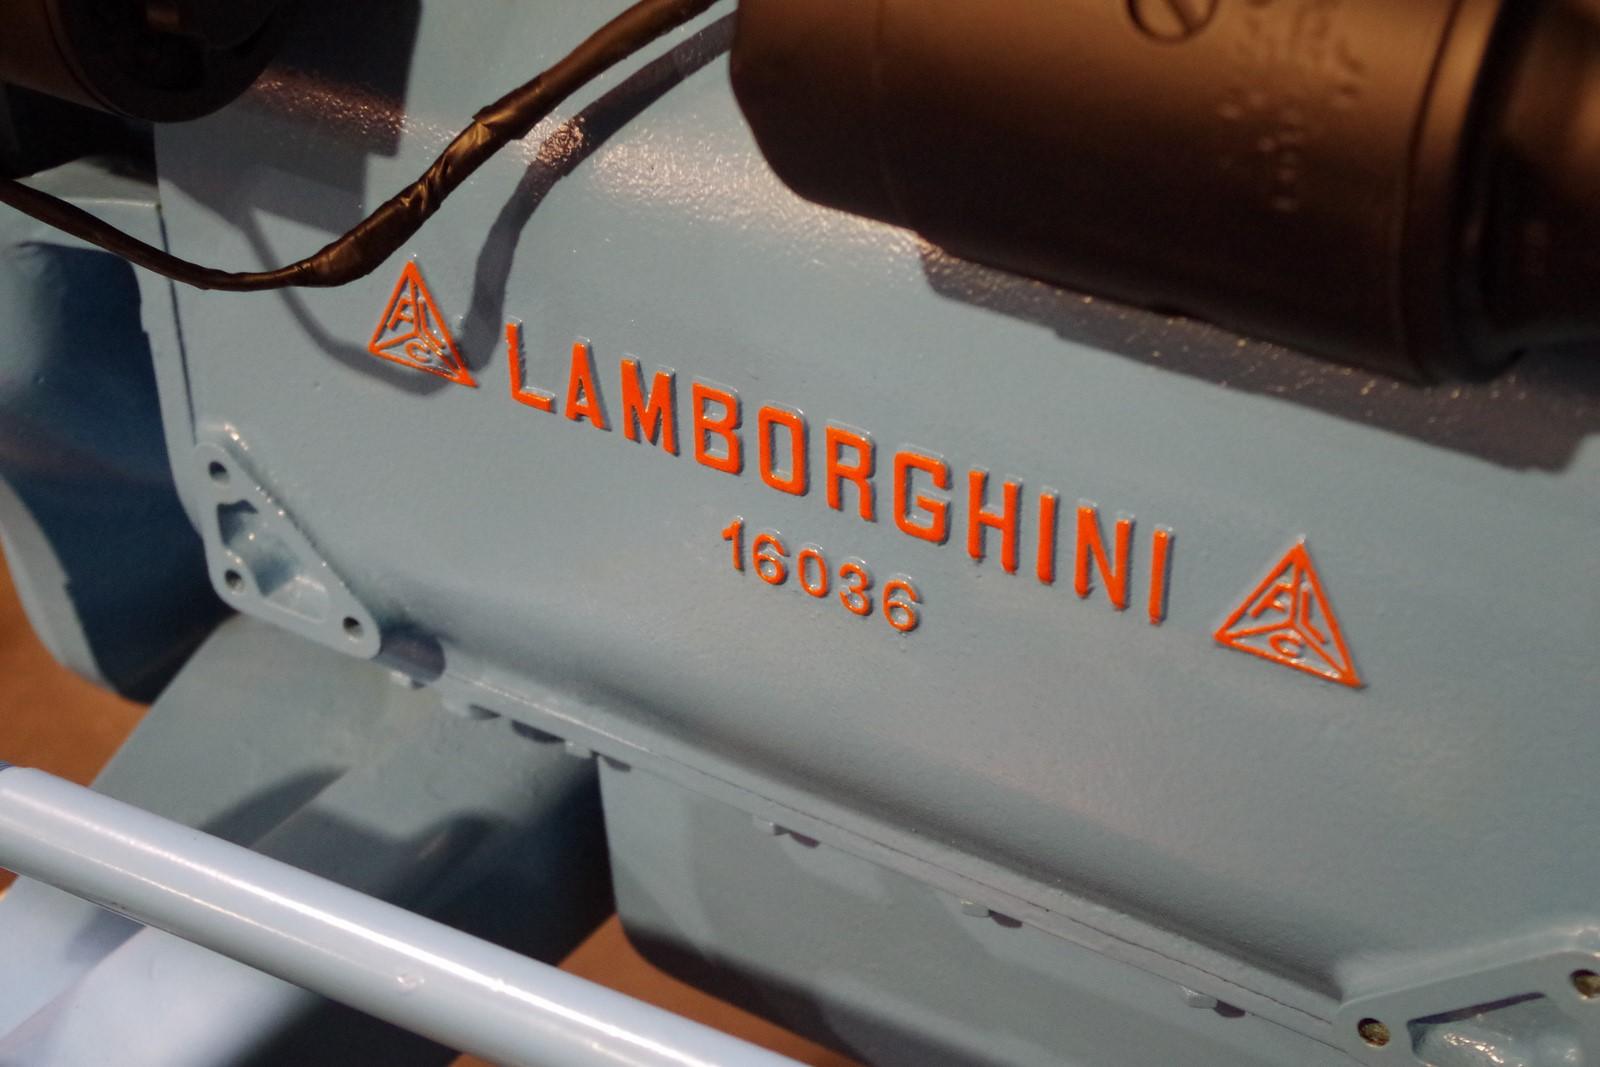 Exposition Lamborghini EpoquAuto 2018 90